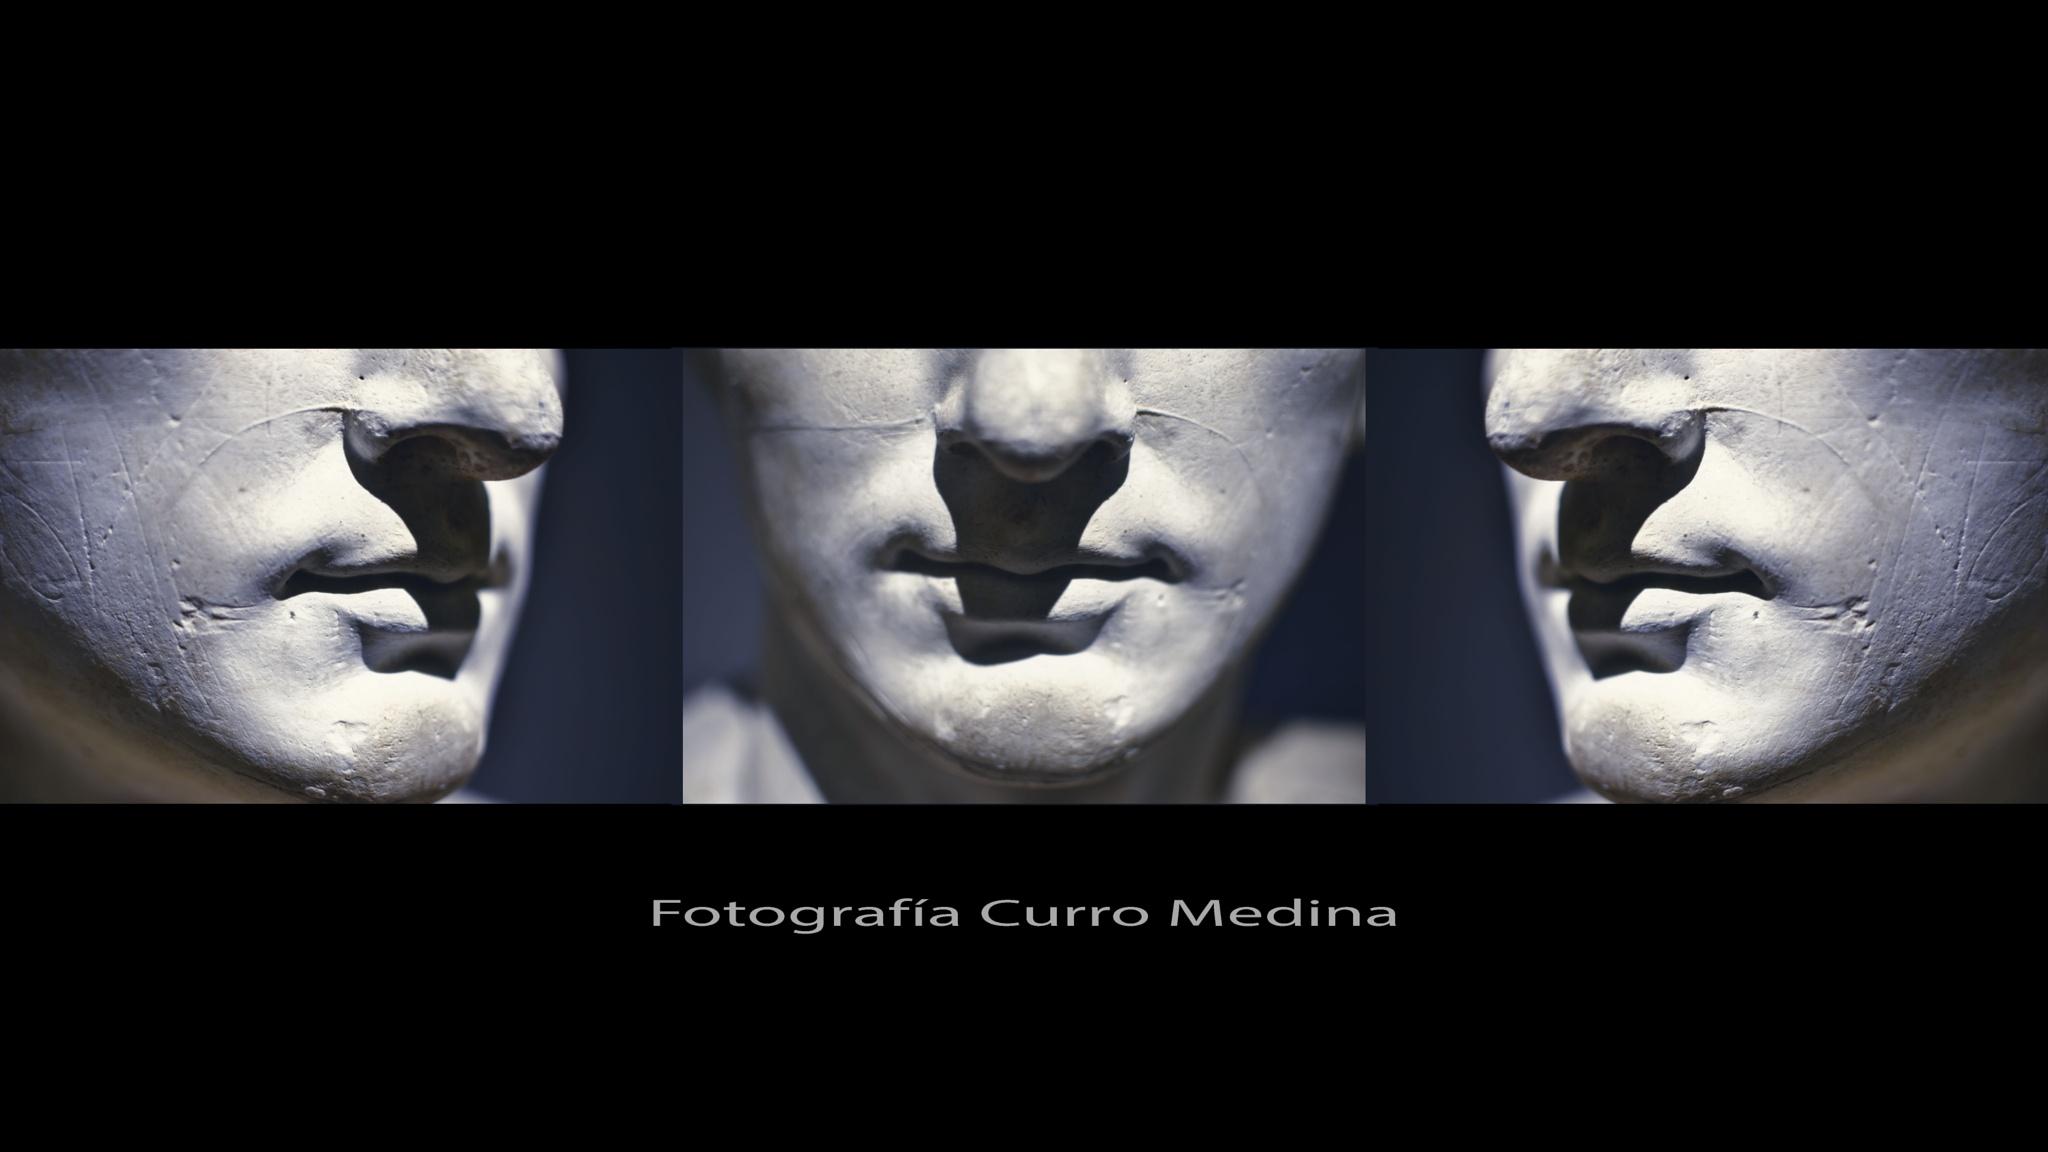 Yesos by Curro Medina